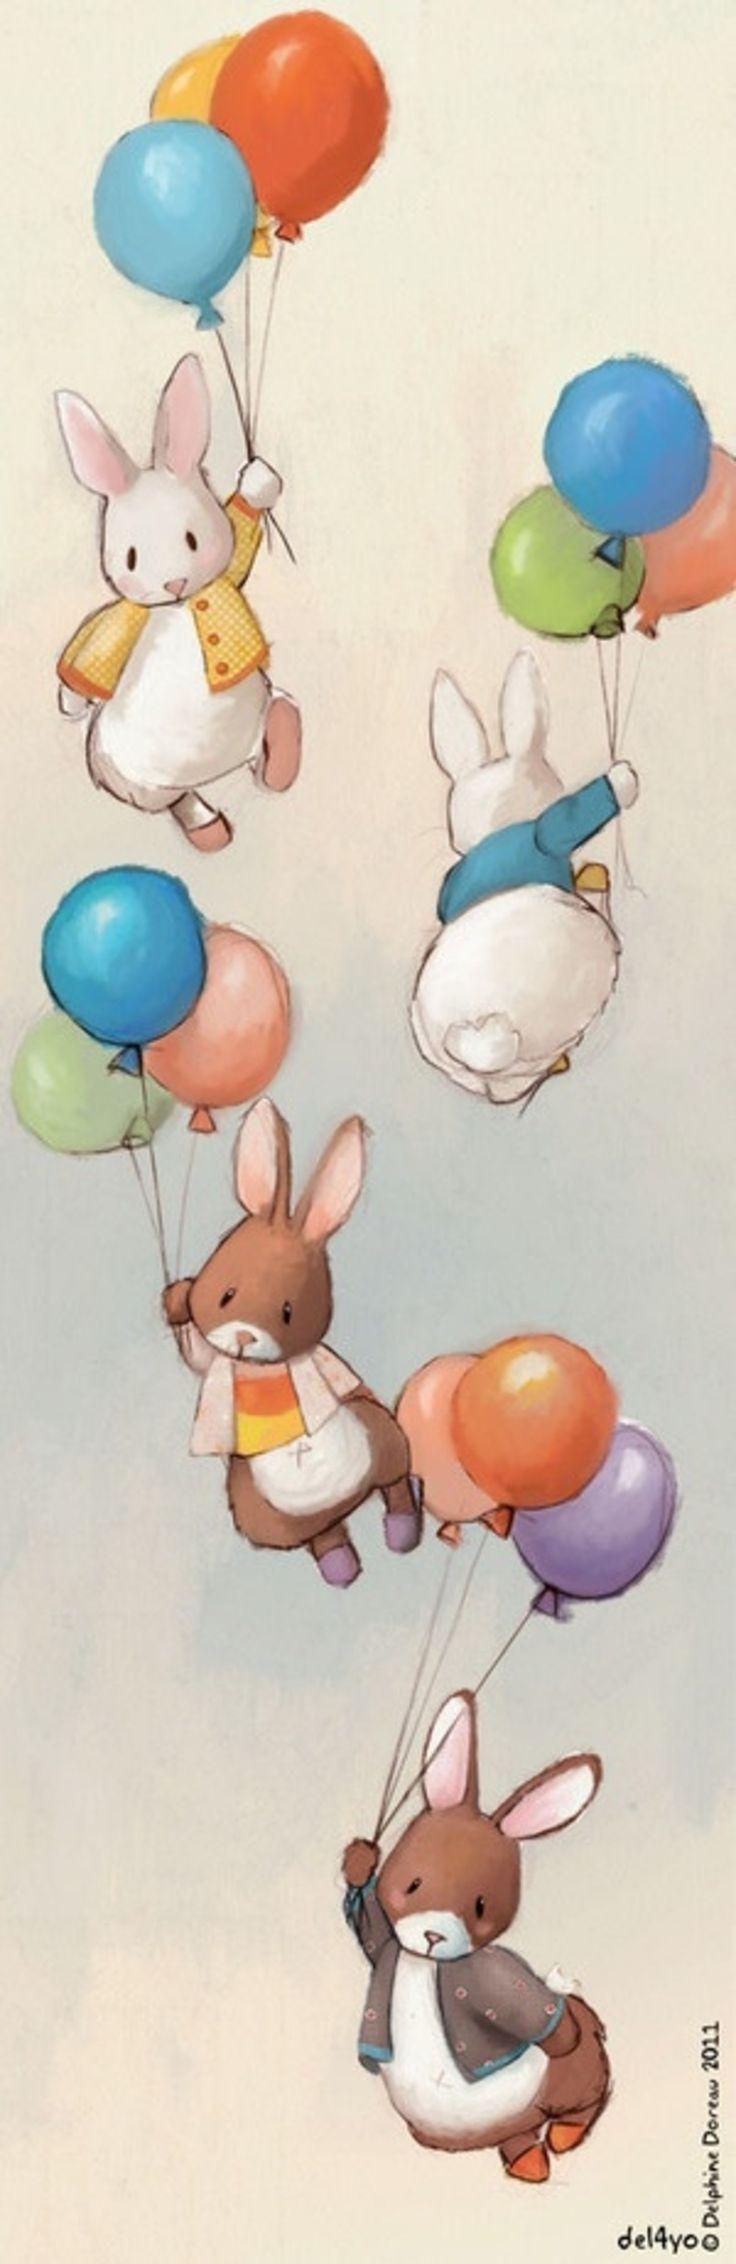 Ballon bunnies by Delphine Doreau